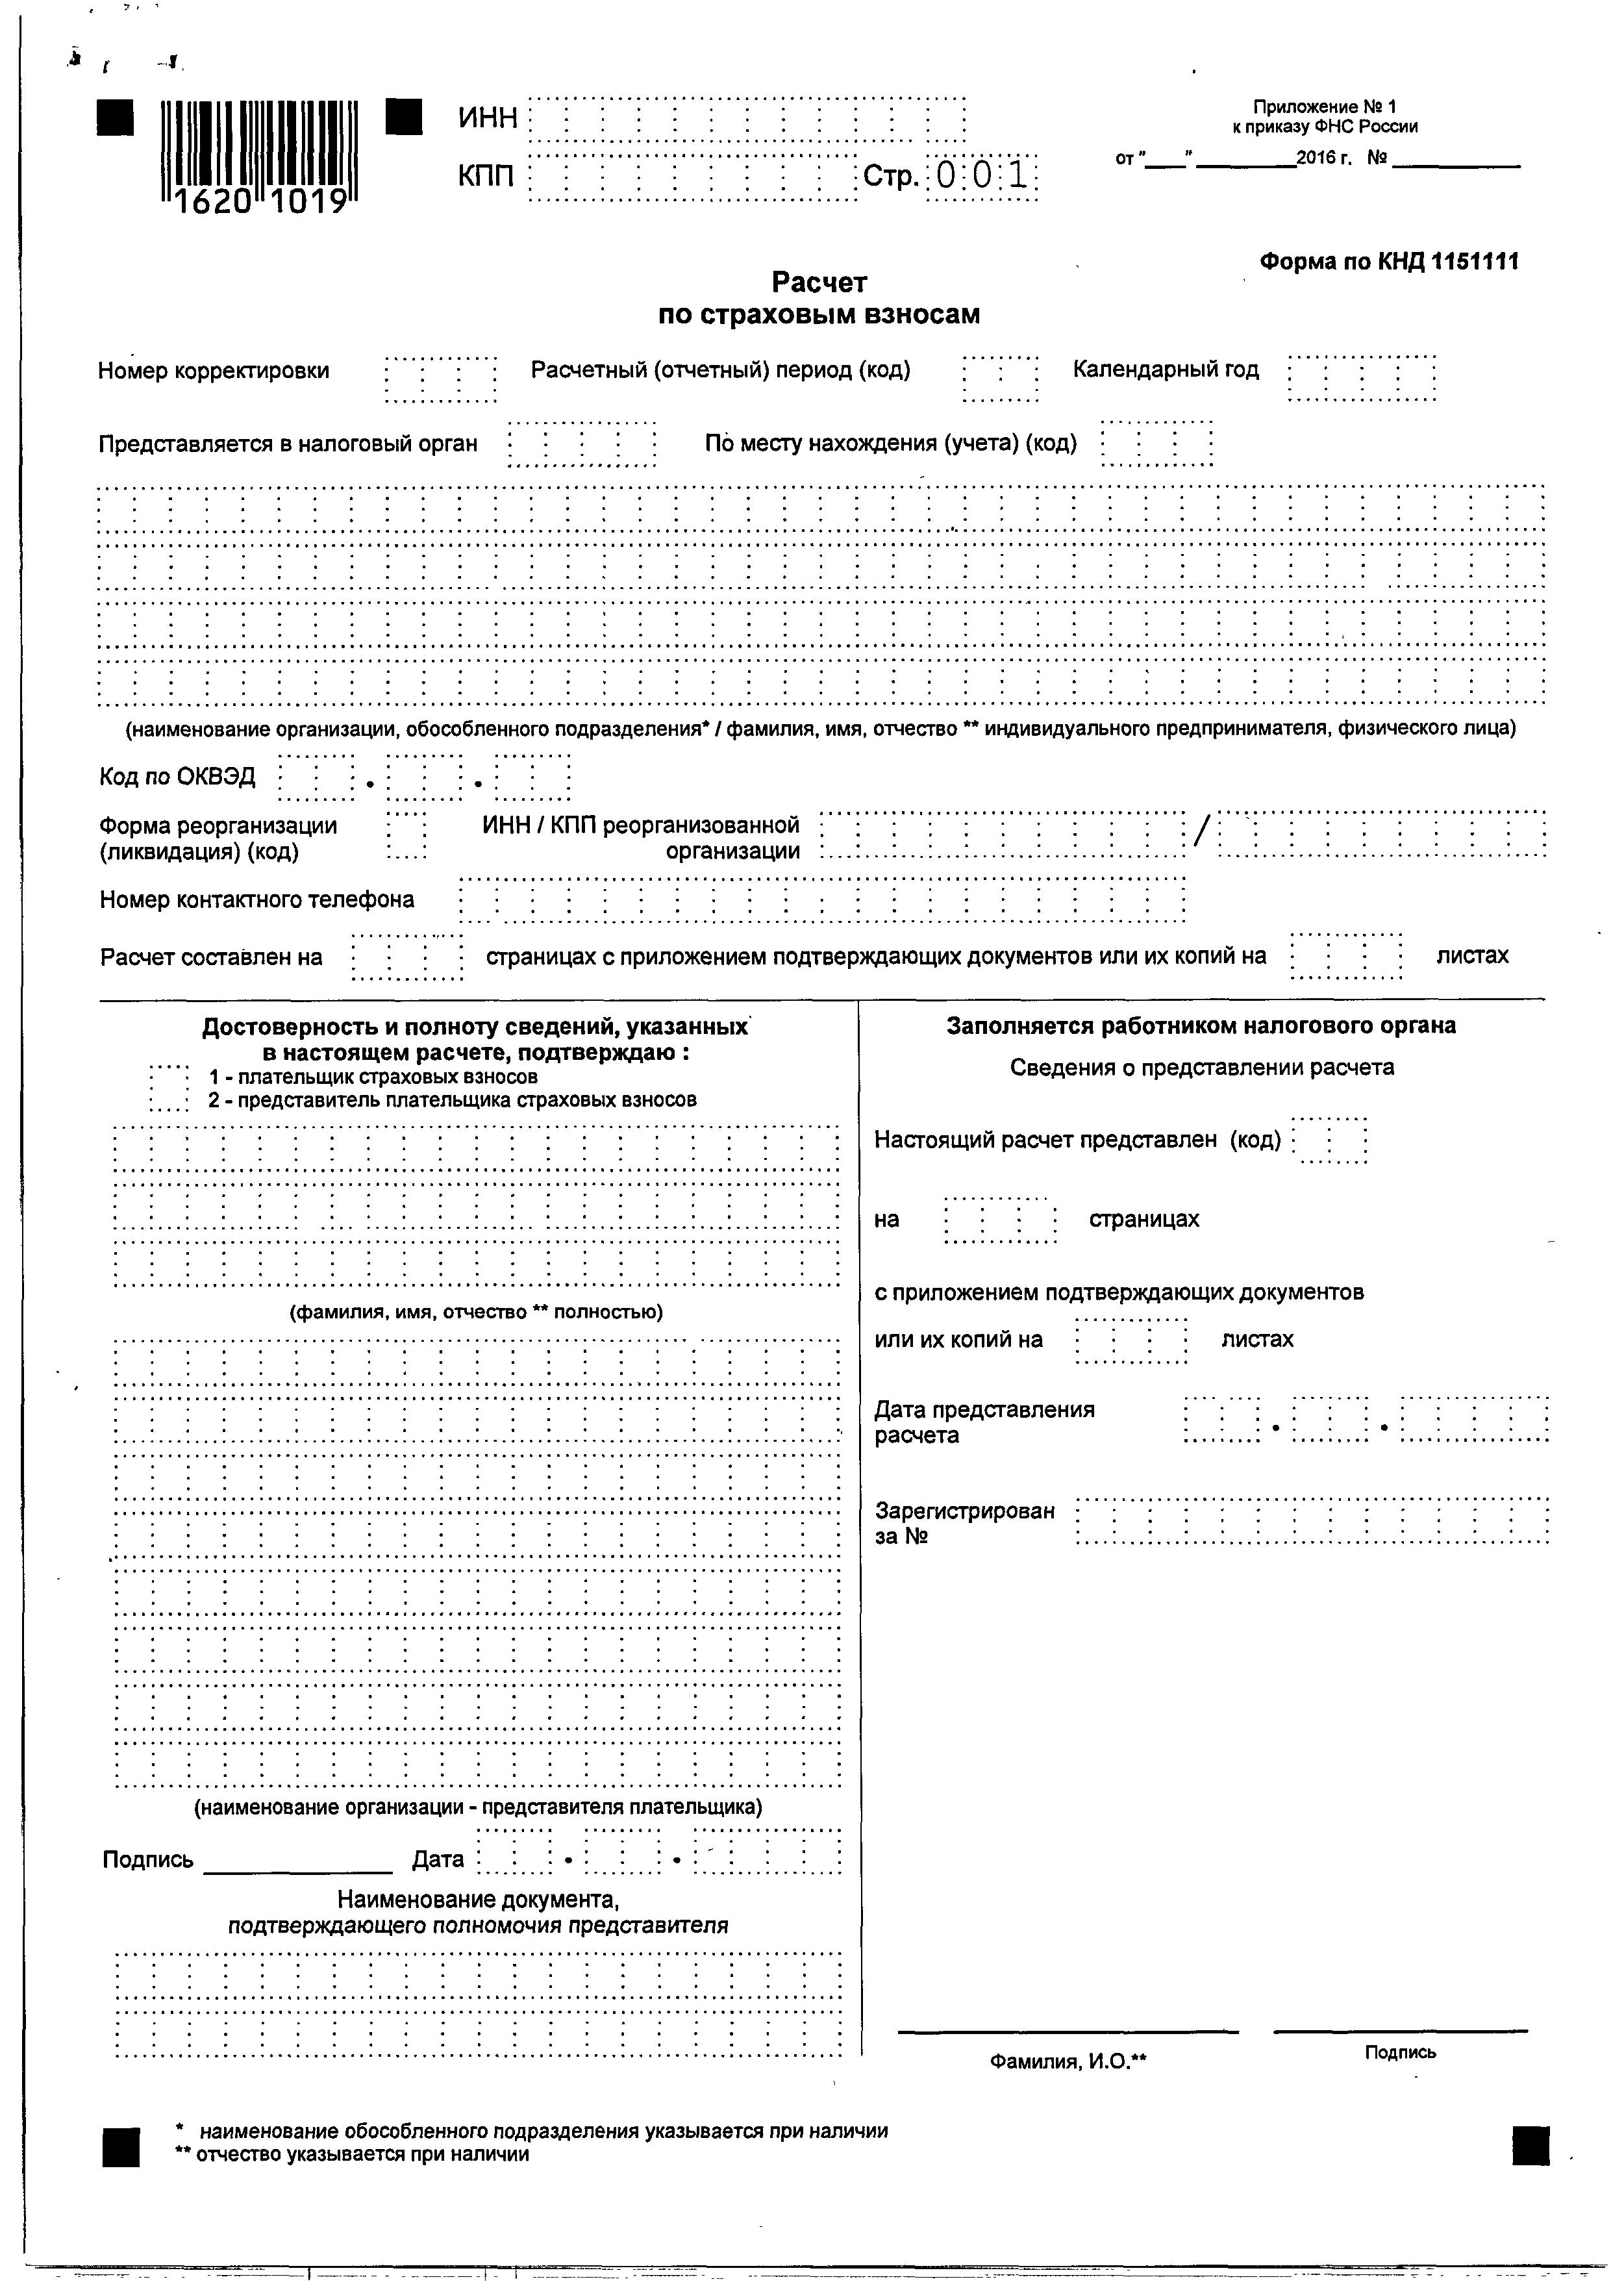 РСВ-1 и 4-ФСС отменили: как отчитываться по взносам